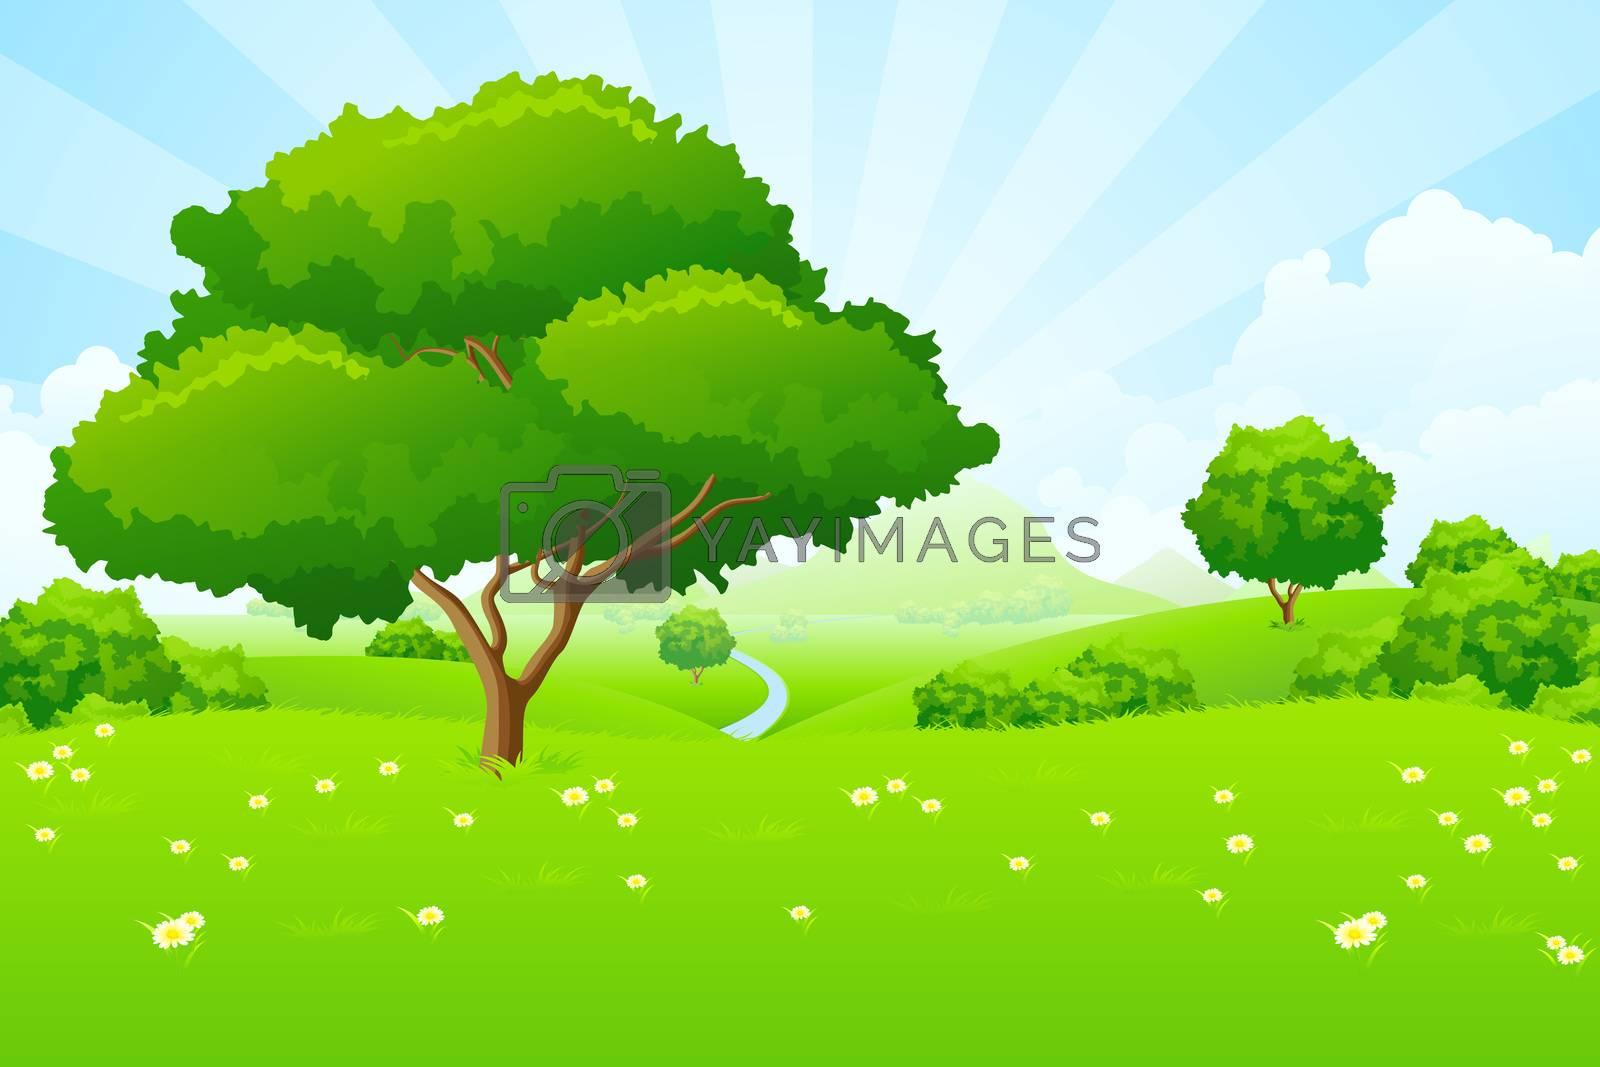 Tree Landscape by WaD